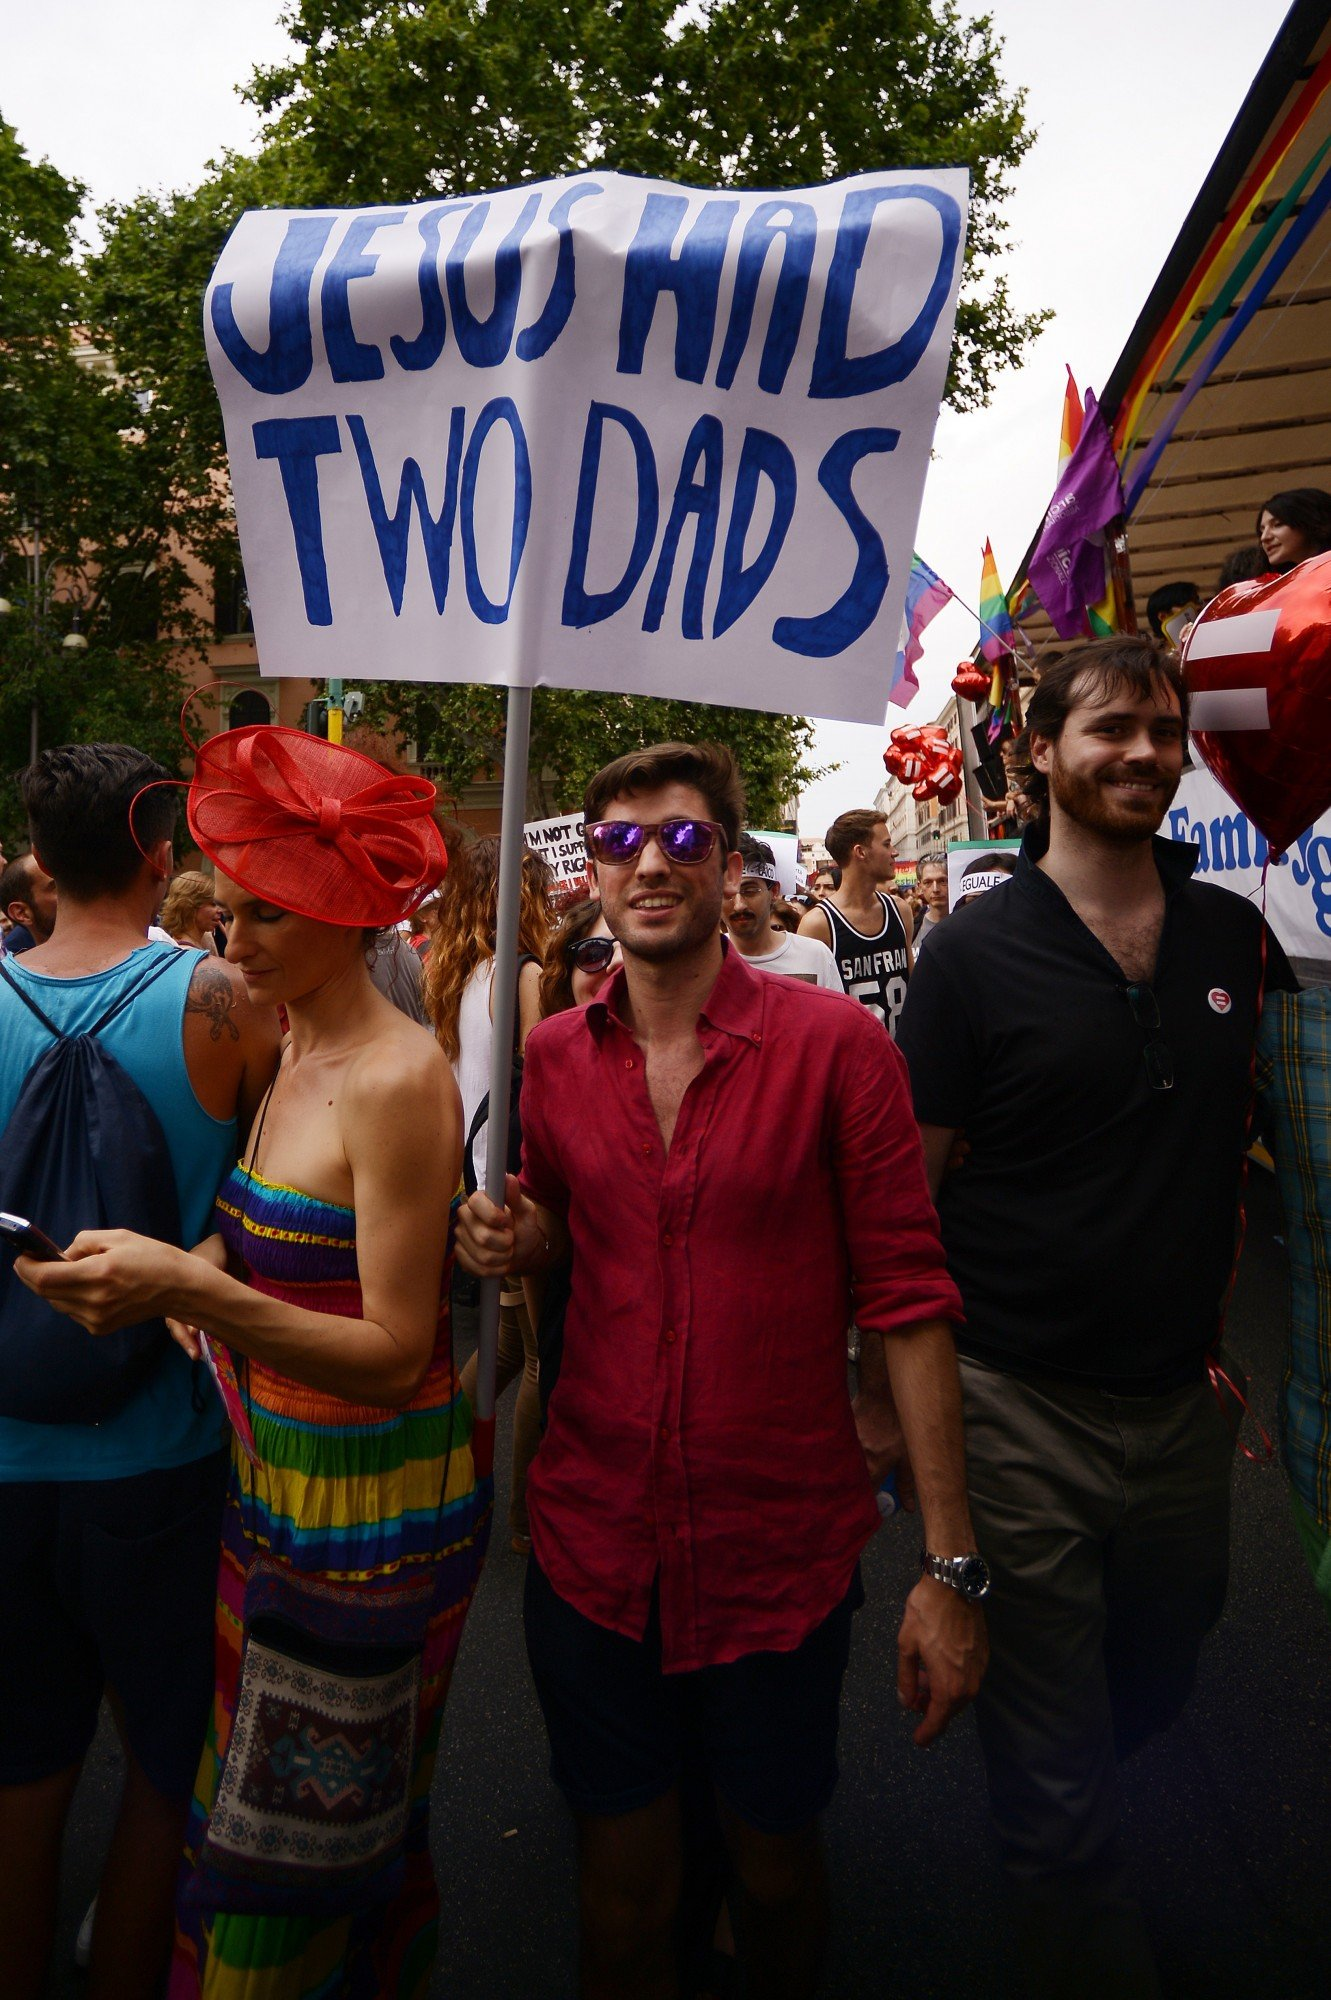 """A frase """"Jesus had two dads"""" (Jesus tinha dois pais), num cartaz, numa parada do Gay Pride, em Roma, 2015"""